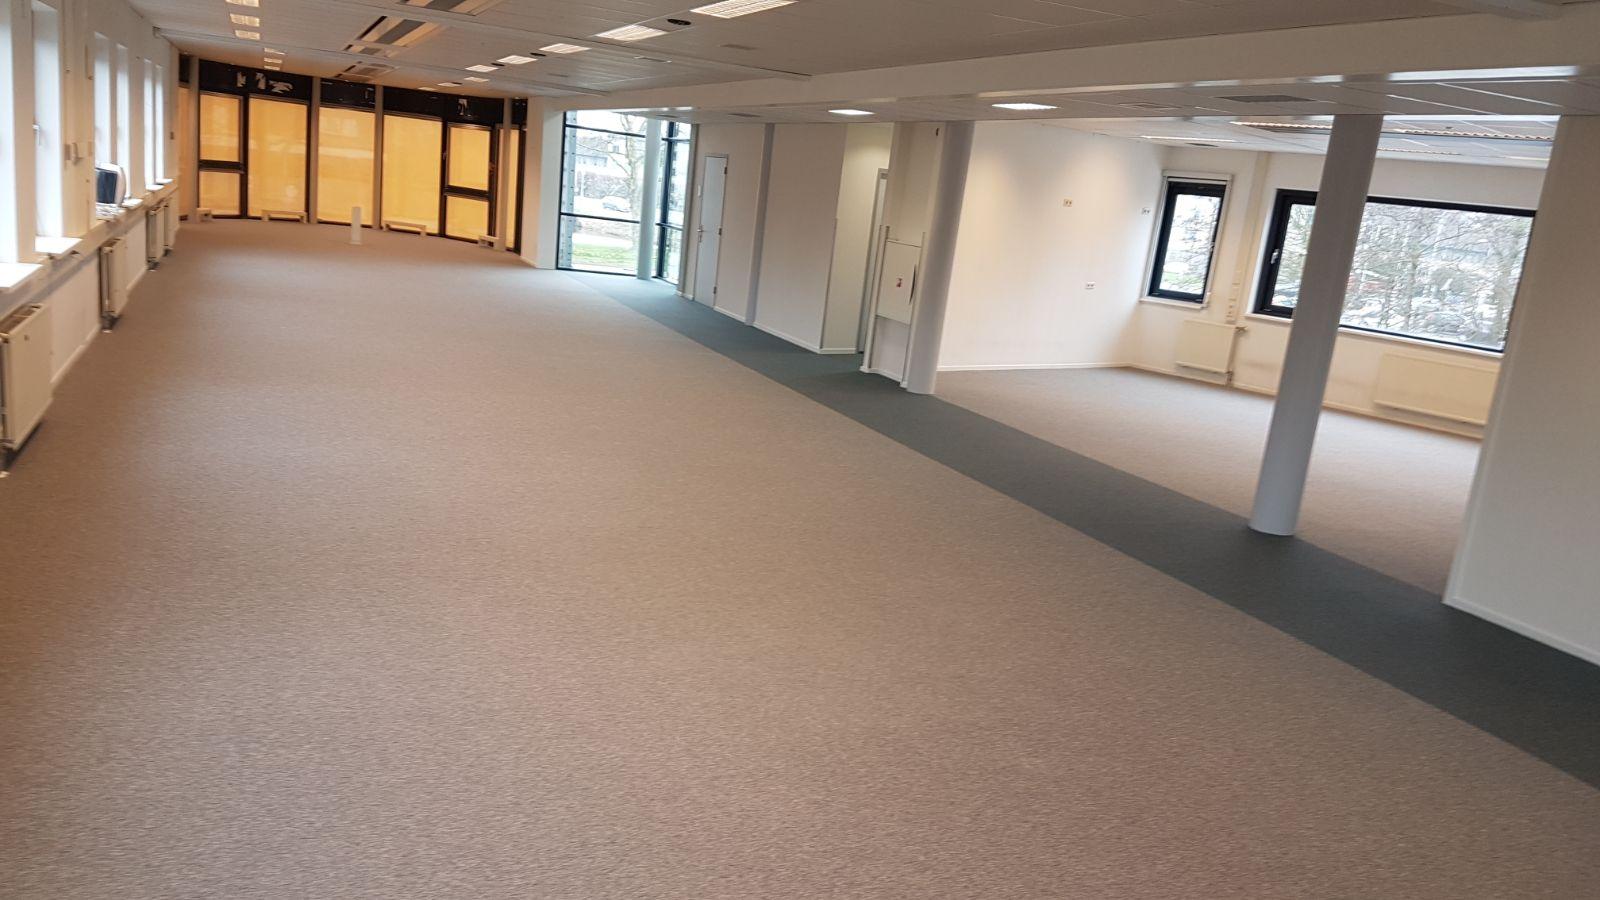 Pvc Vloeren Specialist : Uw adres voor pvc vloeren vink vloeren